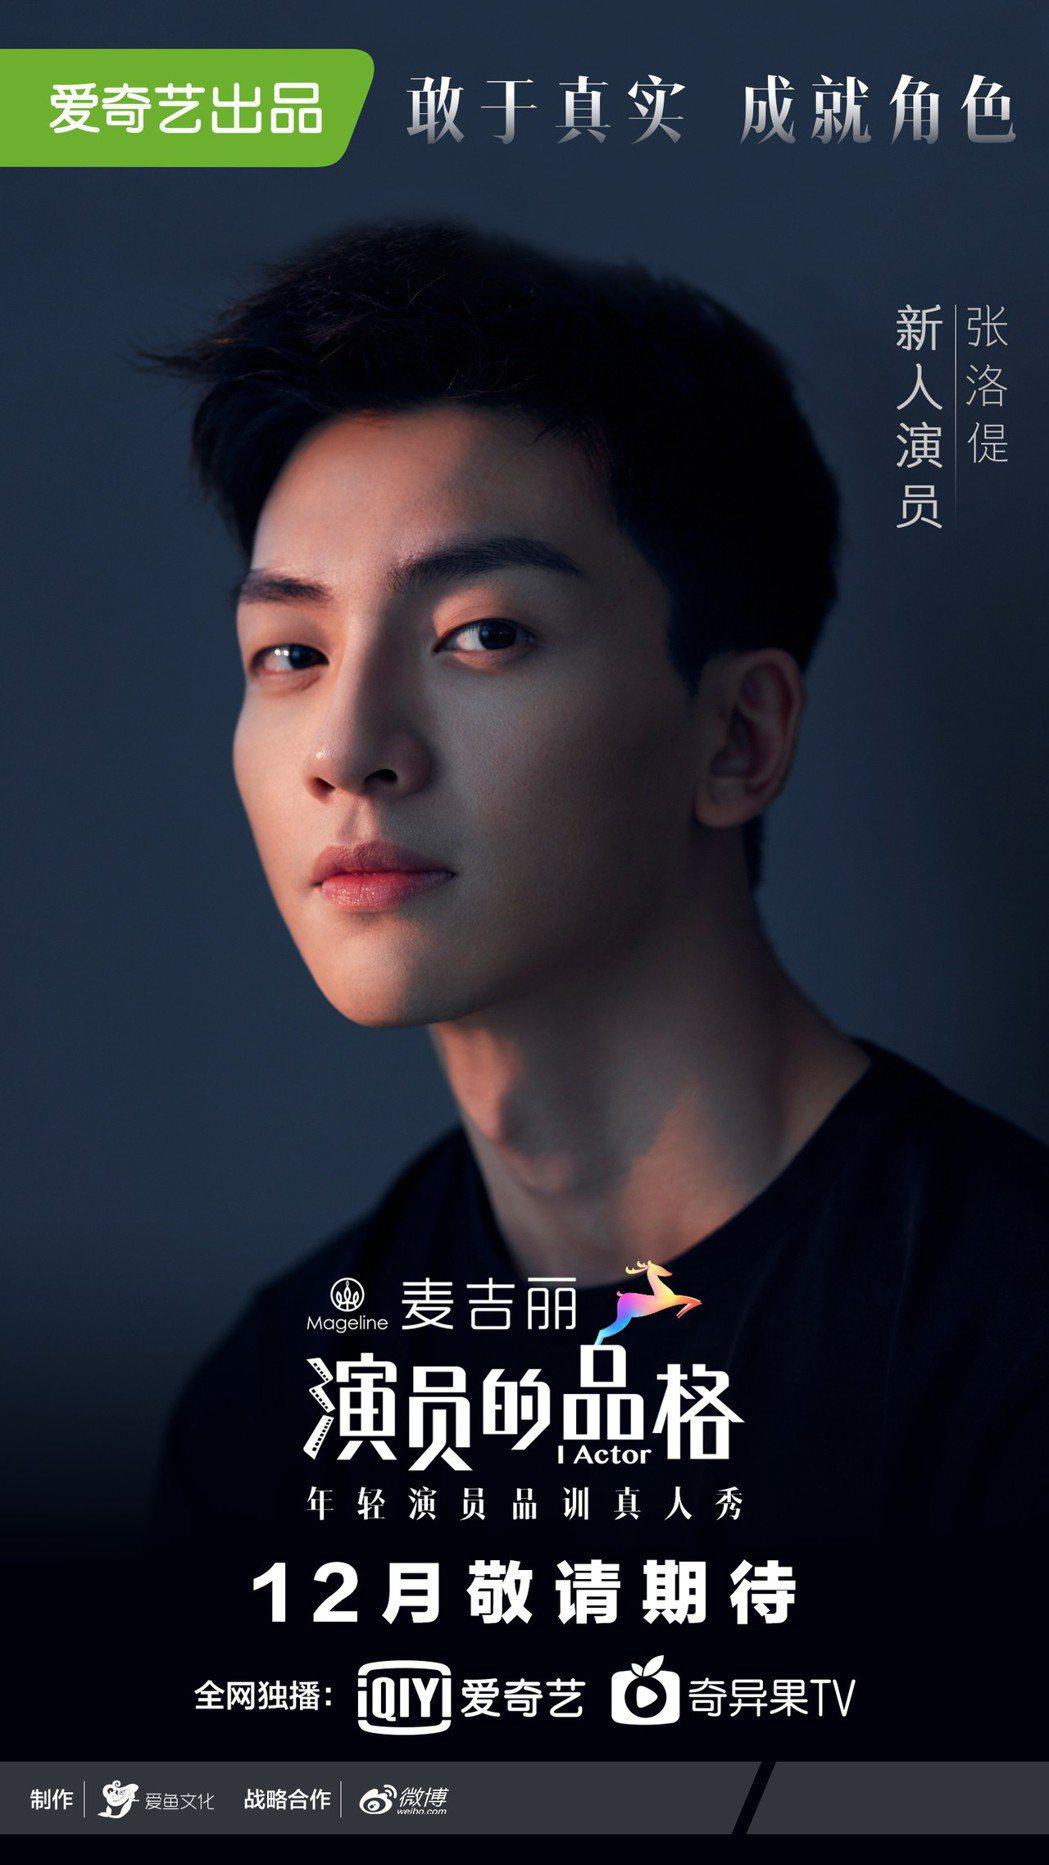 張洛偍參加大陸愛奇藝真人秀「演員的品格」。圖/周子娛樂提供